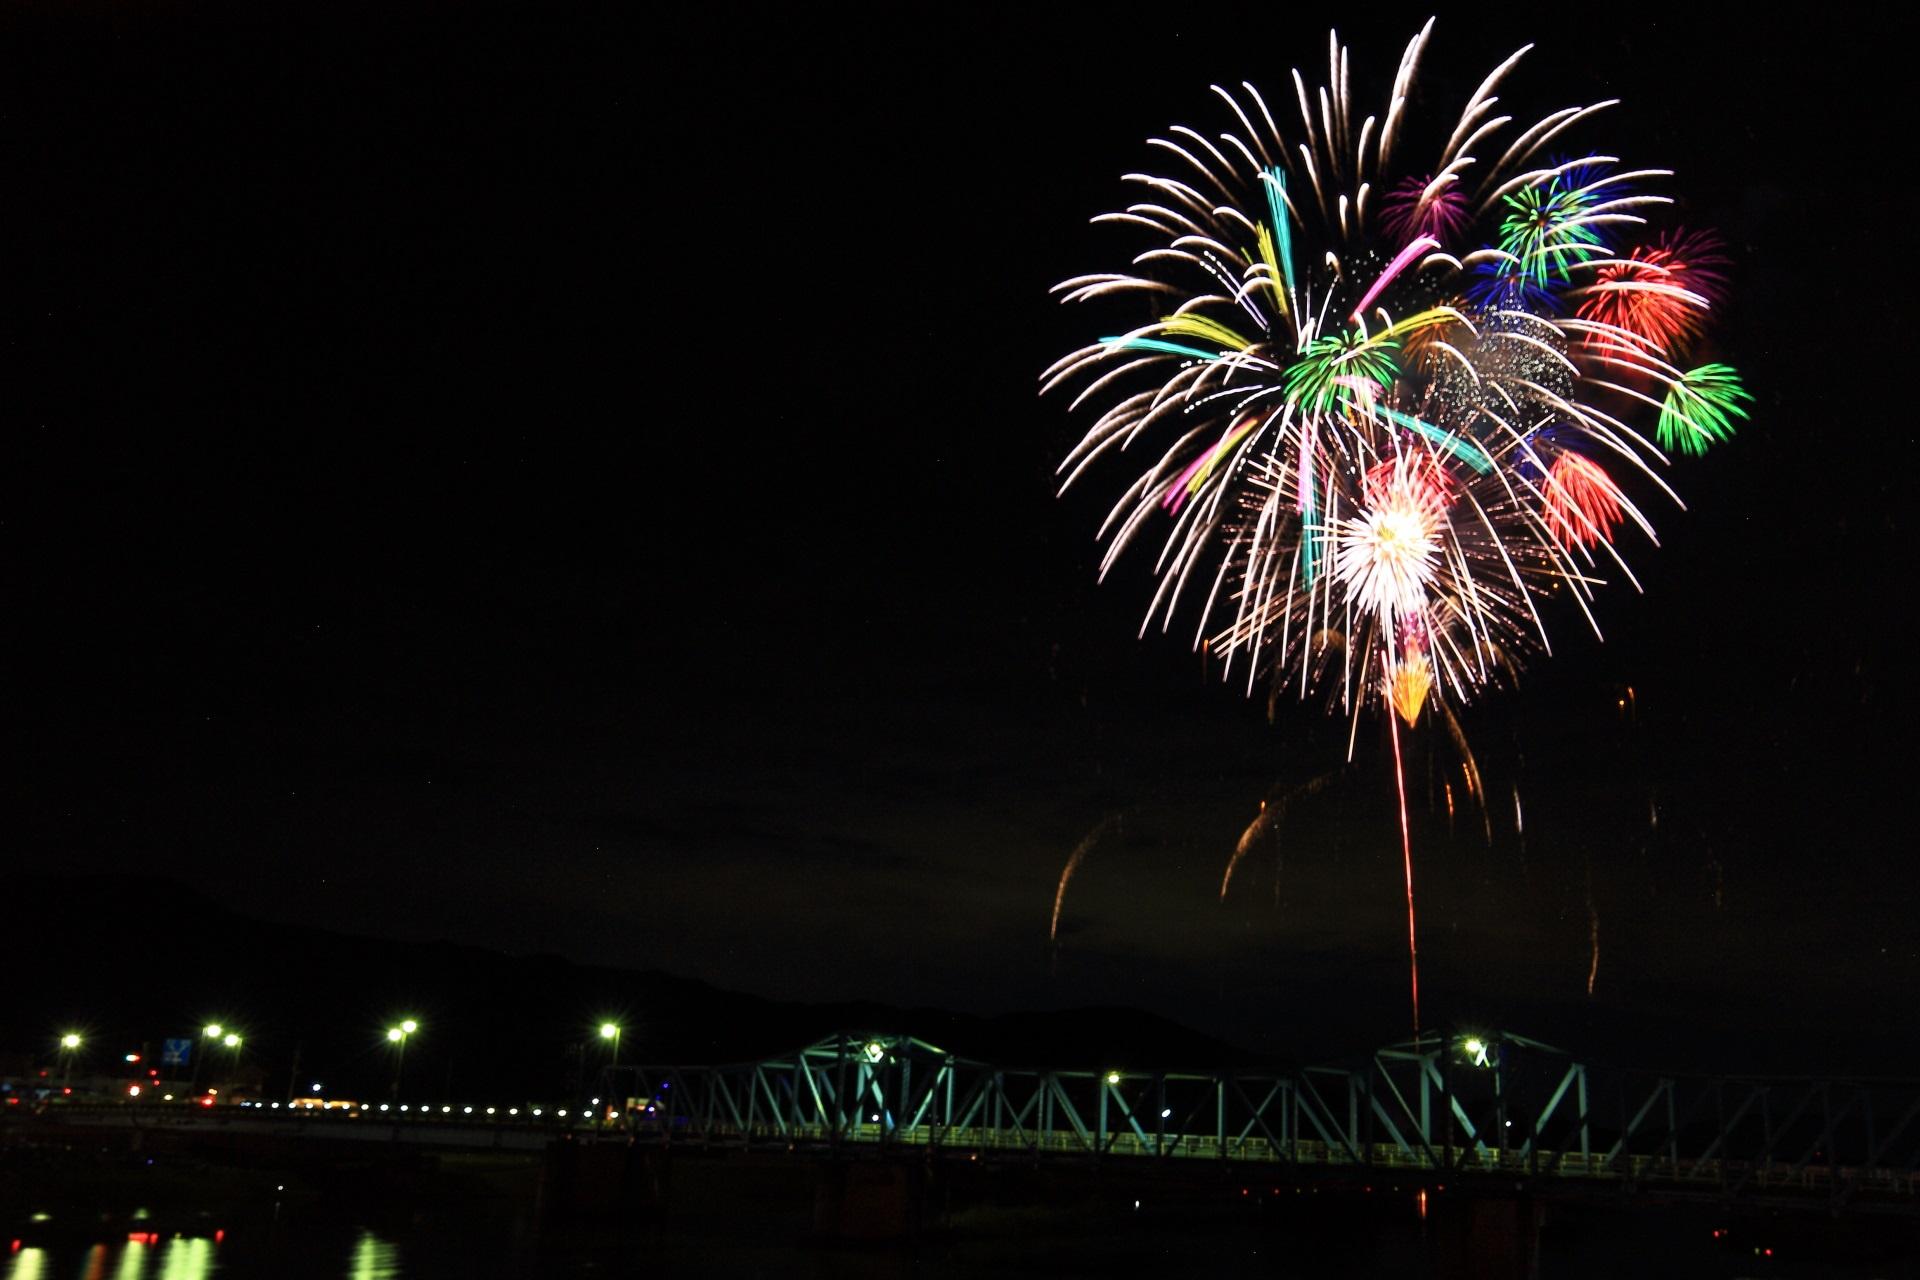 大堰橋と大堰川と花火